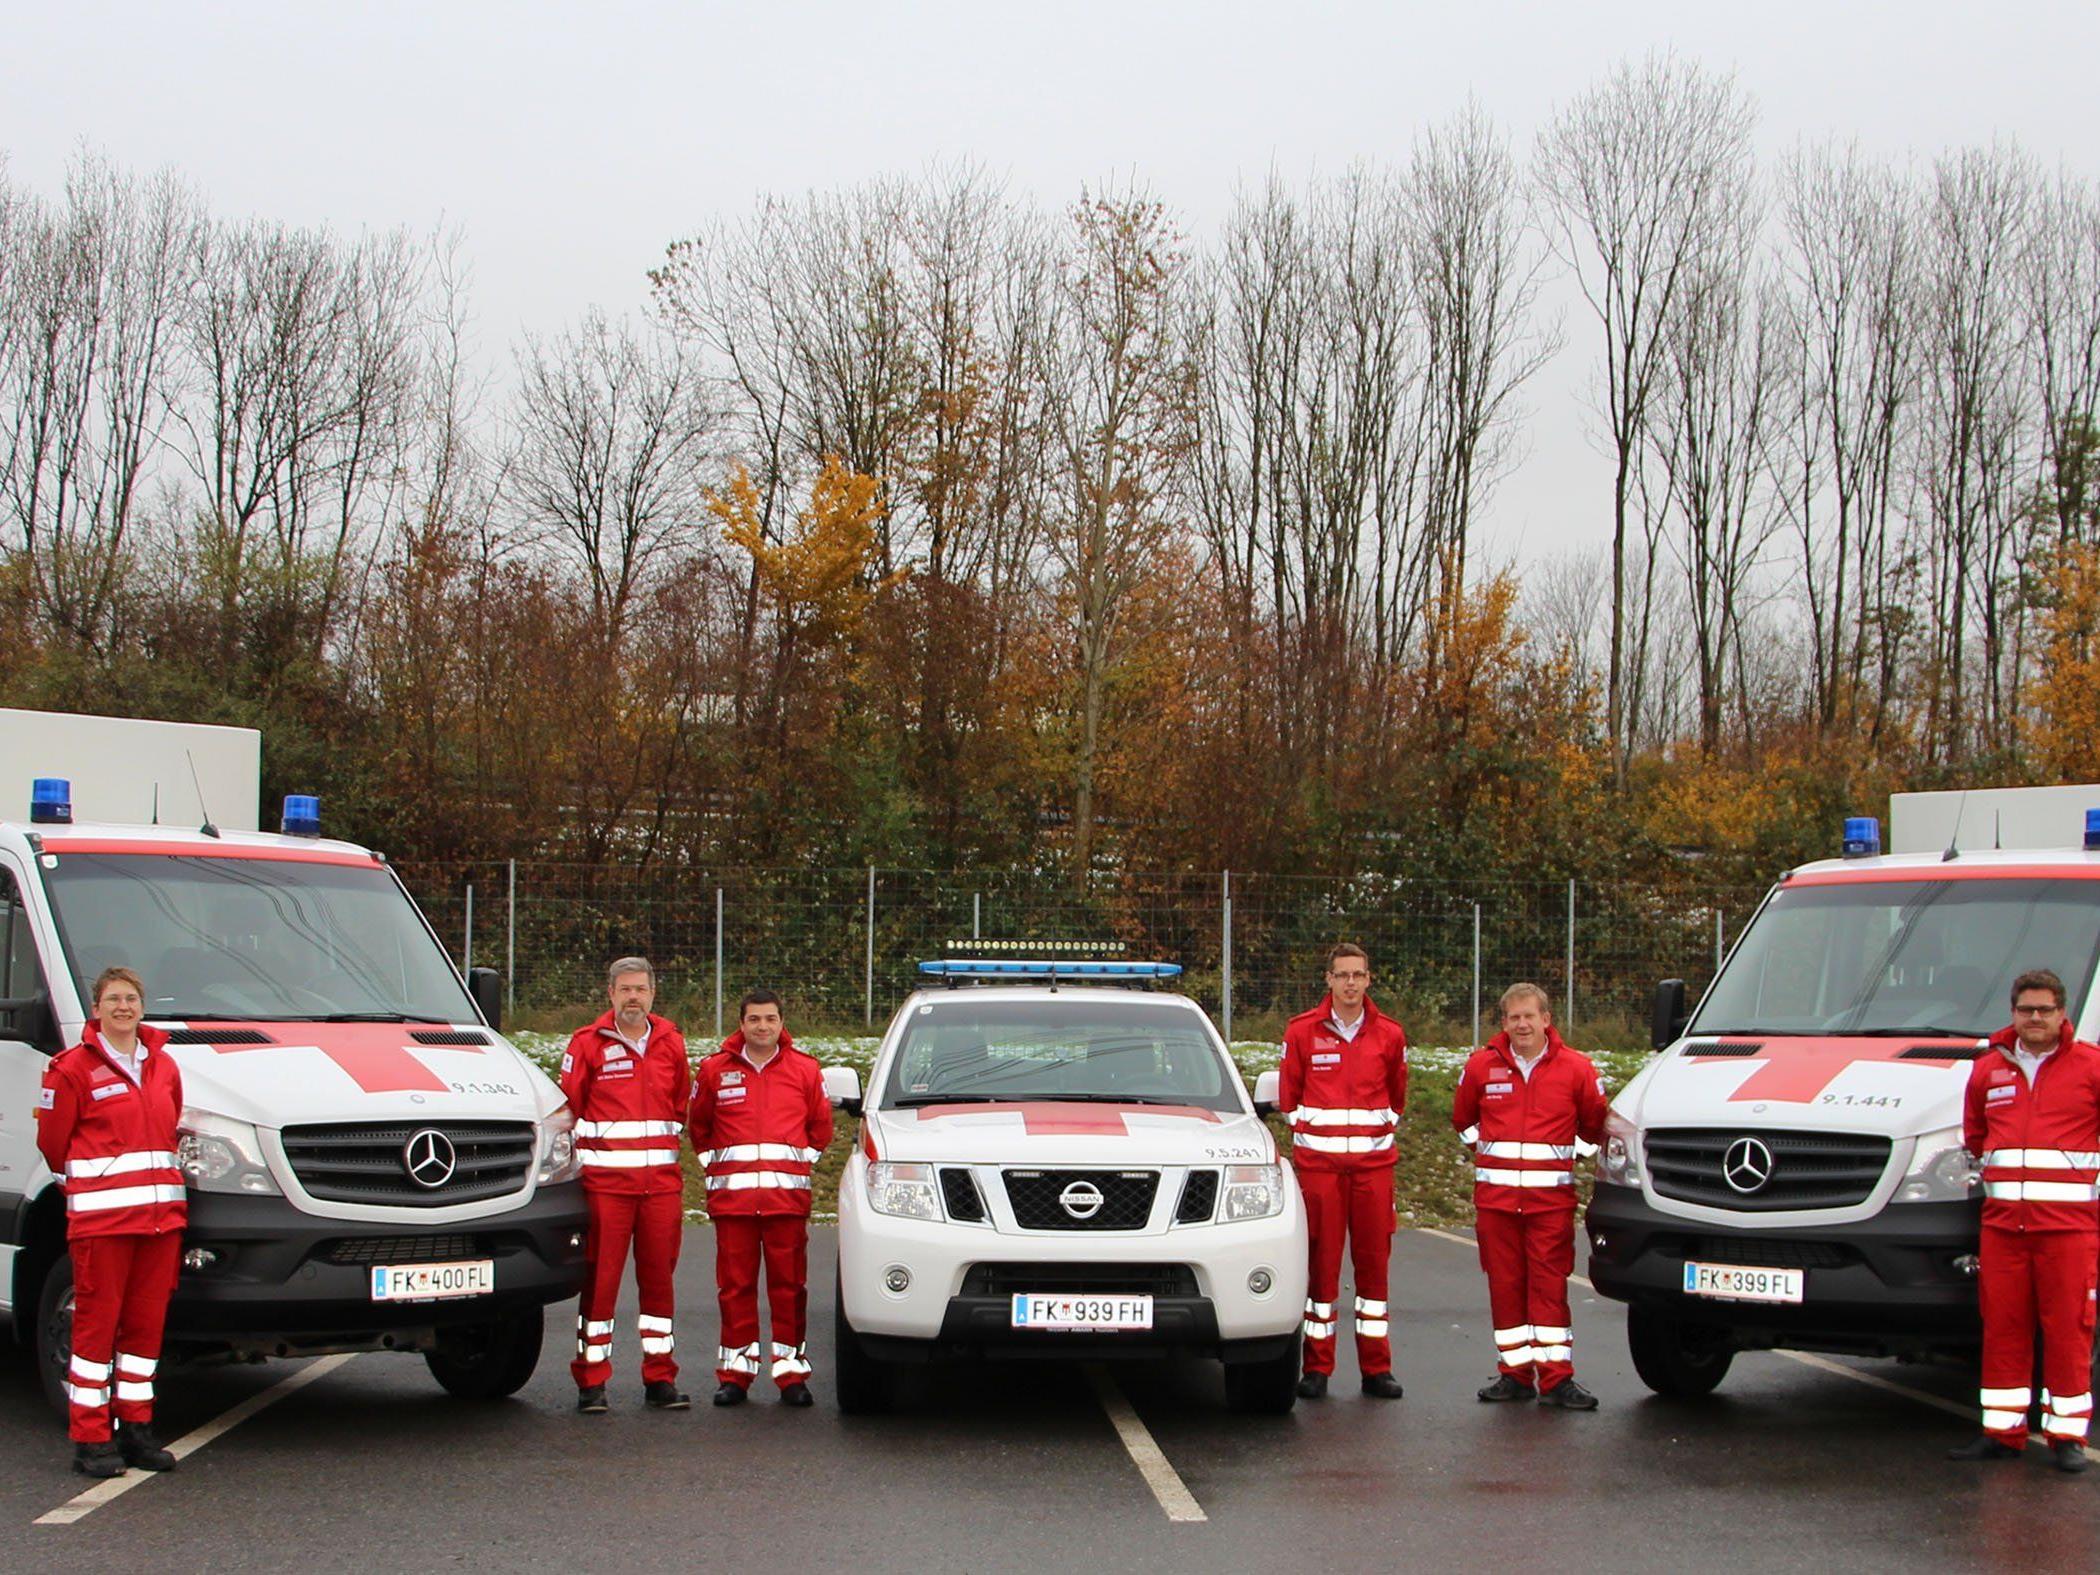 Die neuen Fahrzeuge für Rankweil, Bludenz und Hard (v.li.) mit den stolzen RK-Mitarbeitern.